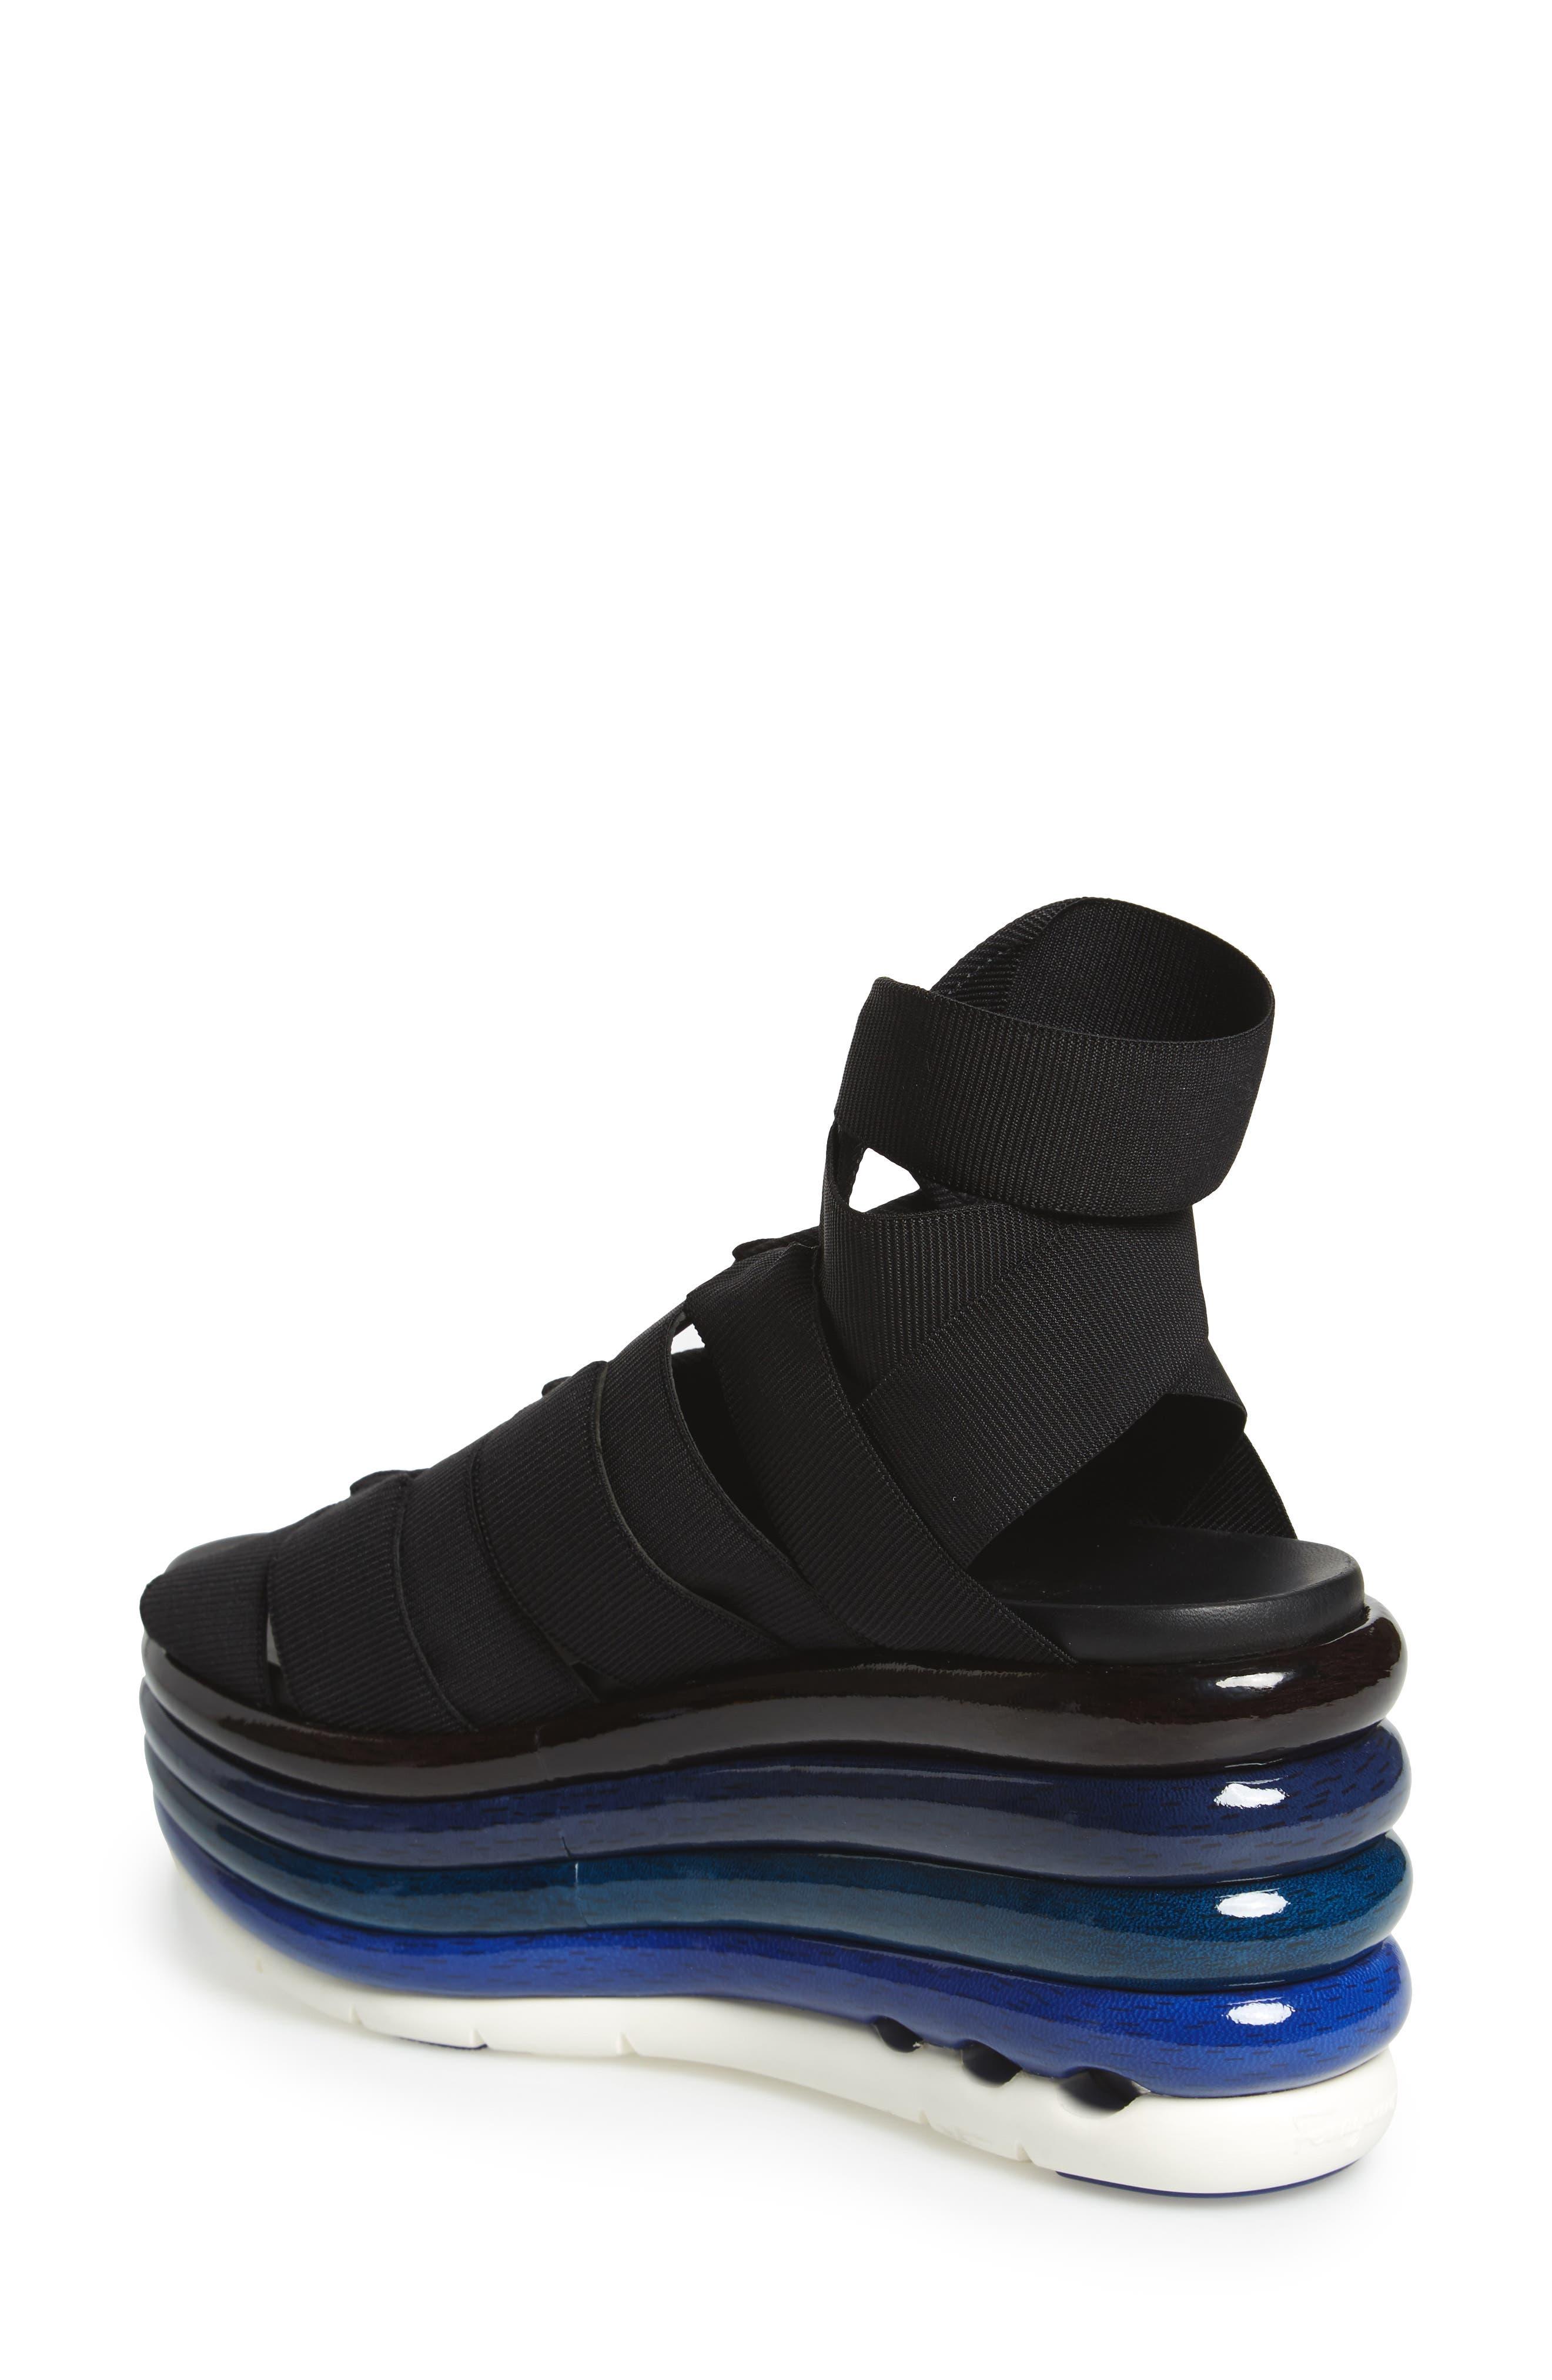 Alternate Image 2  - Salvatore Ferragamo Eiko Rainbow Wedge Sandal (Women)